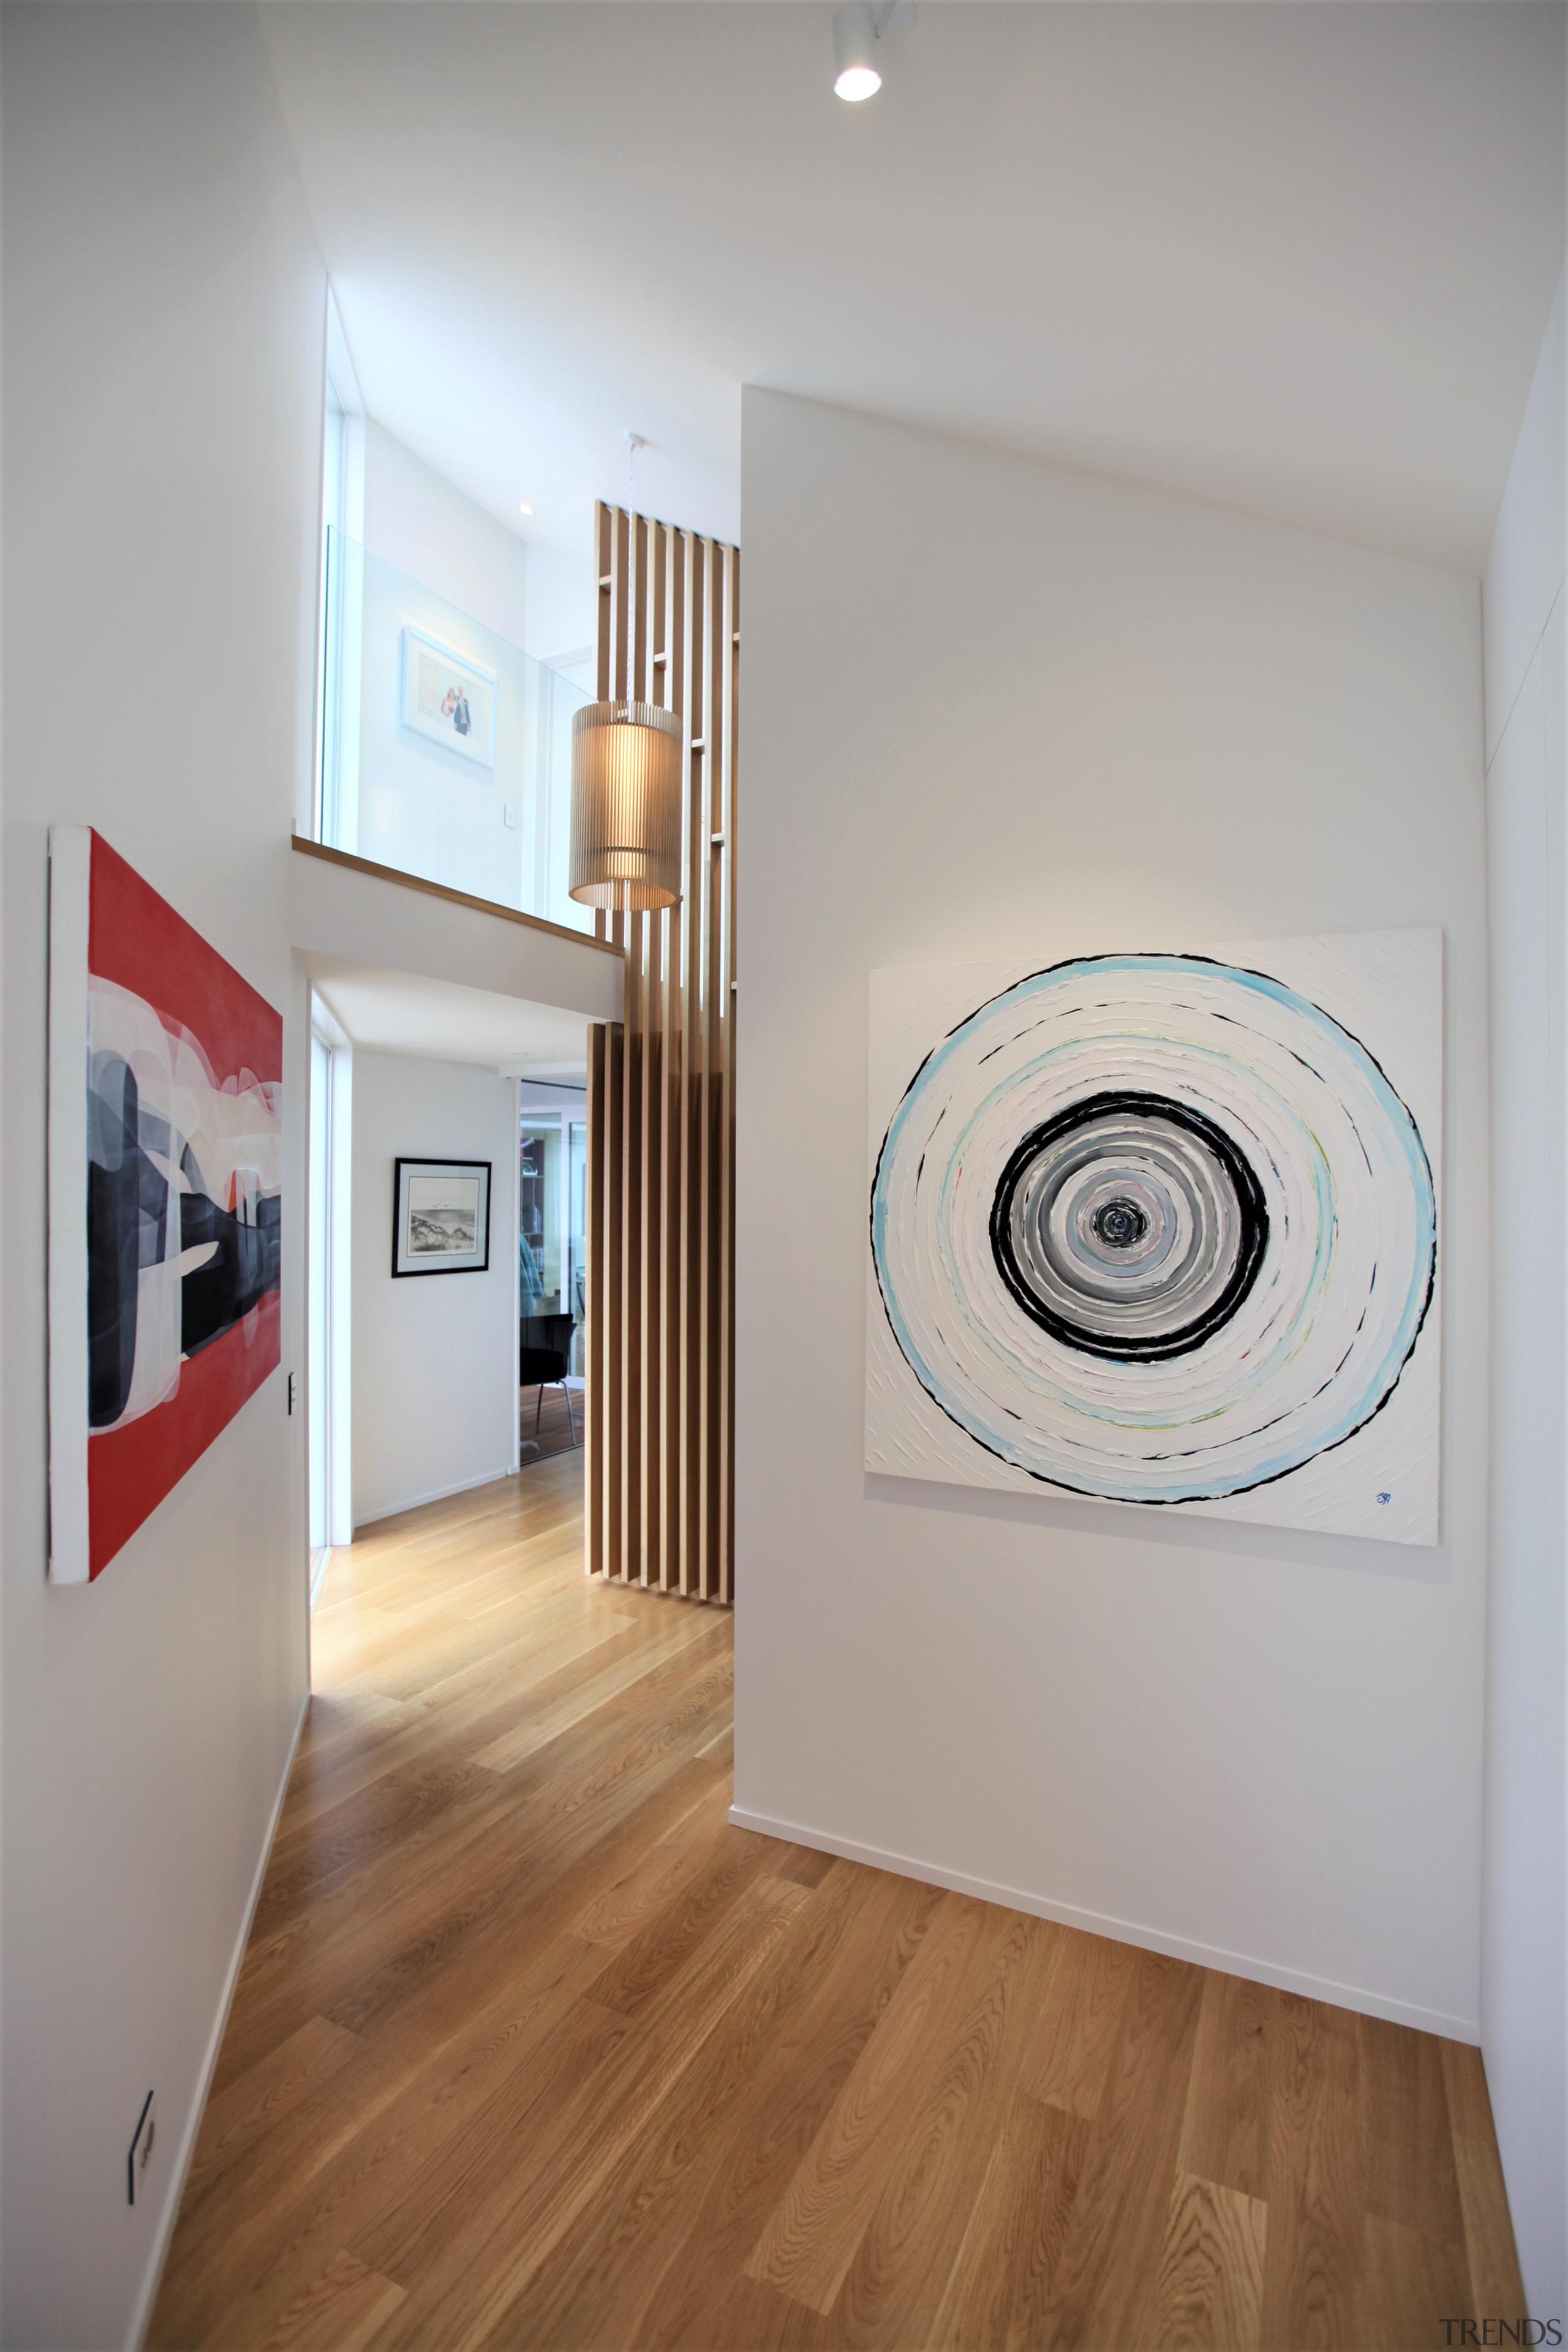 The home's circulation corridor also serves as a